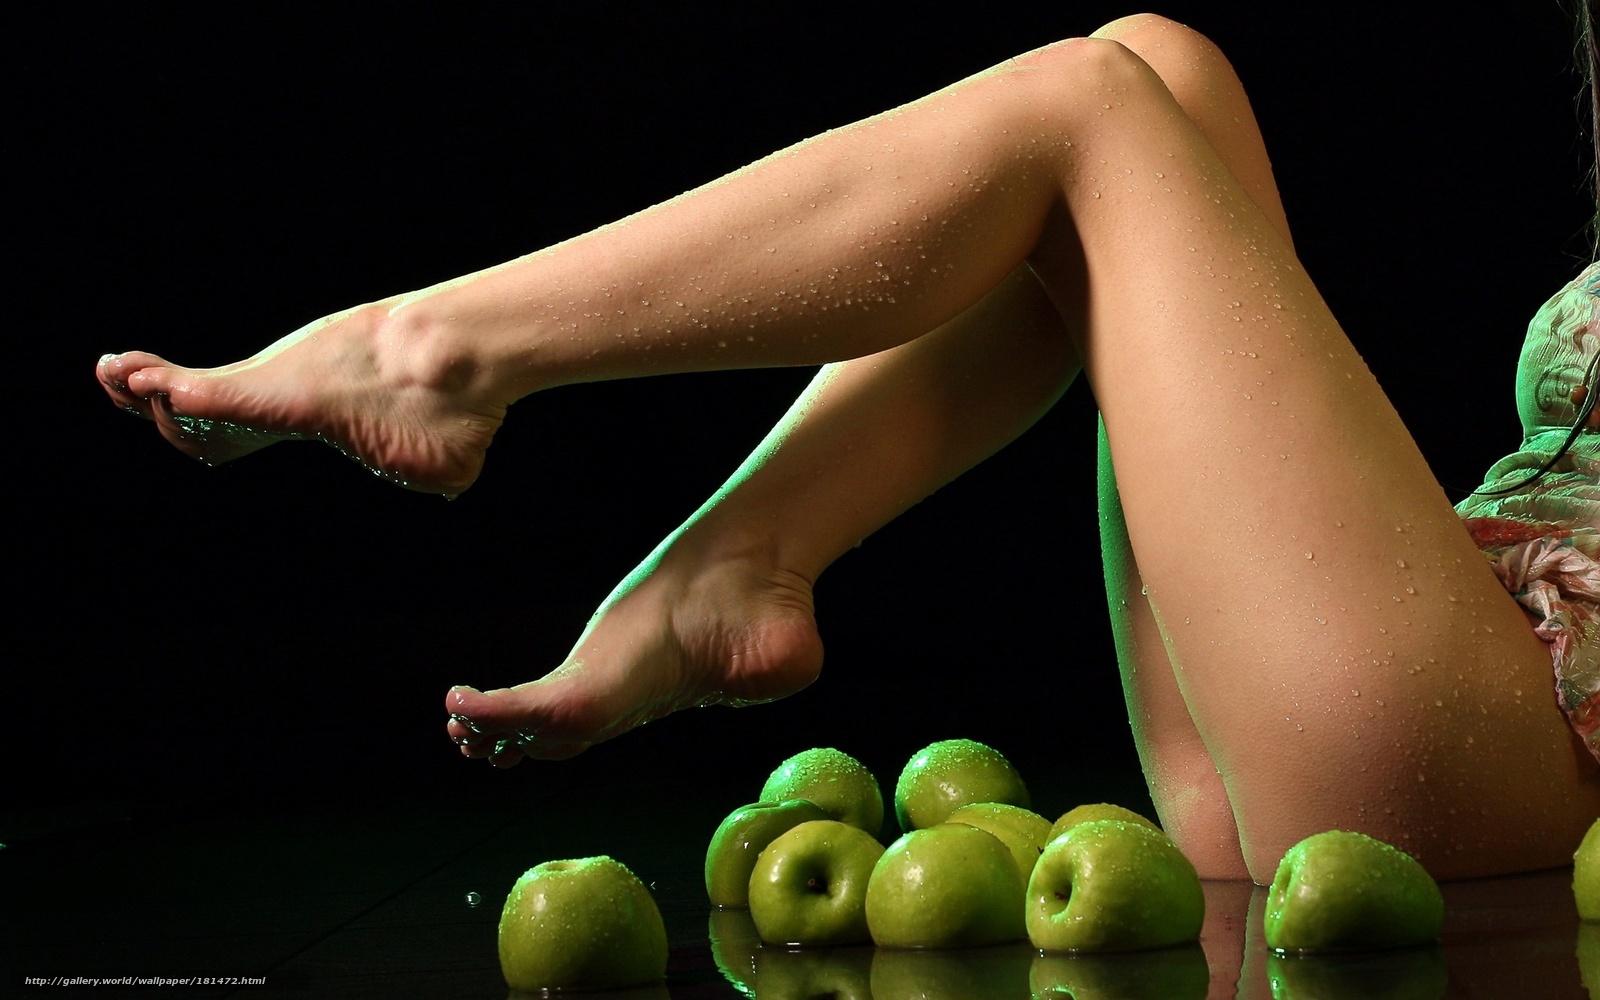 Фото сексуальные ноги 16 фотография